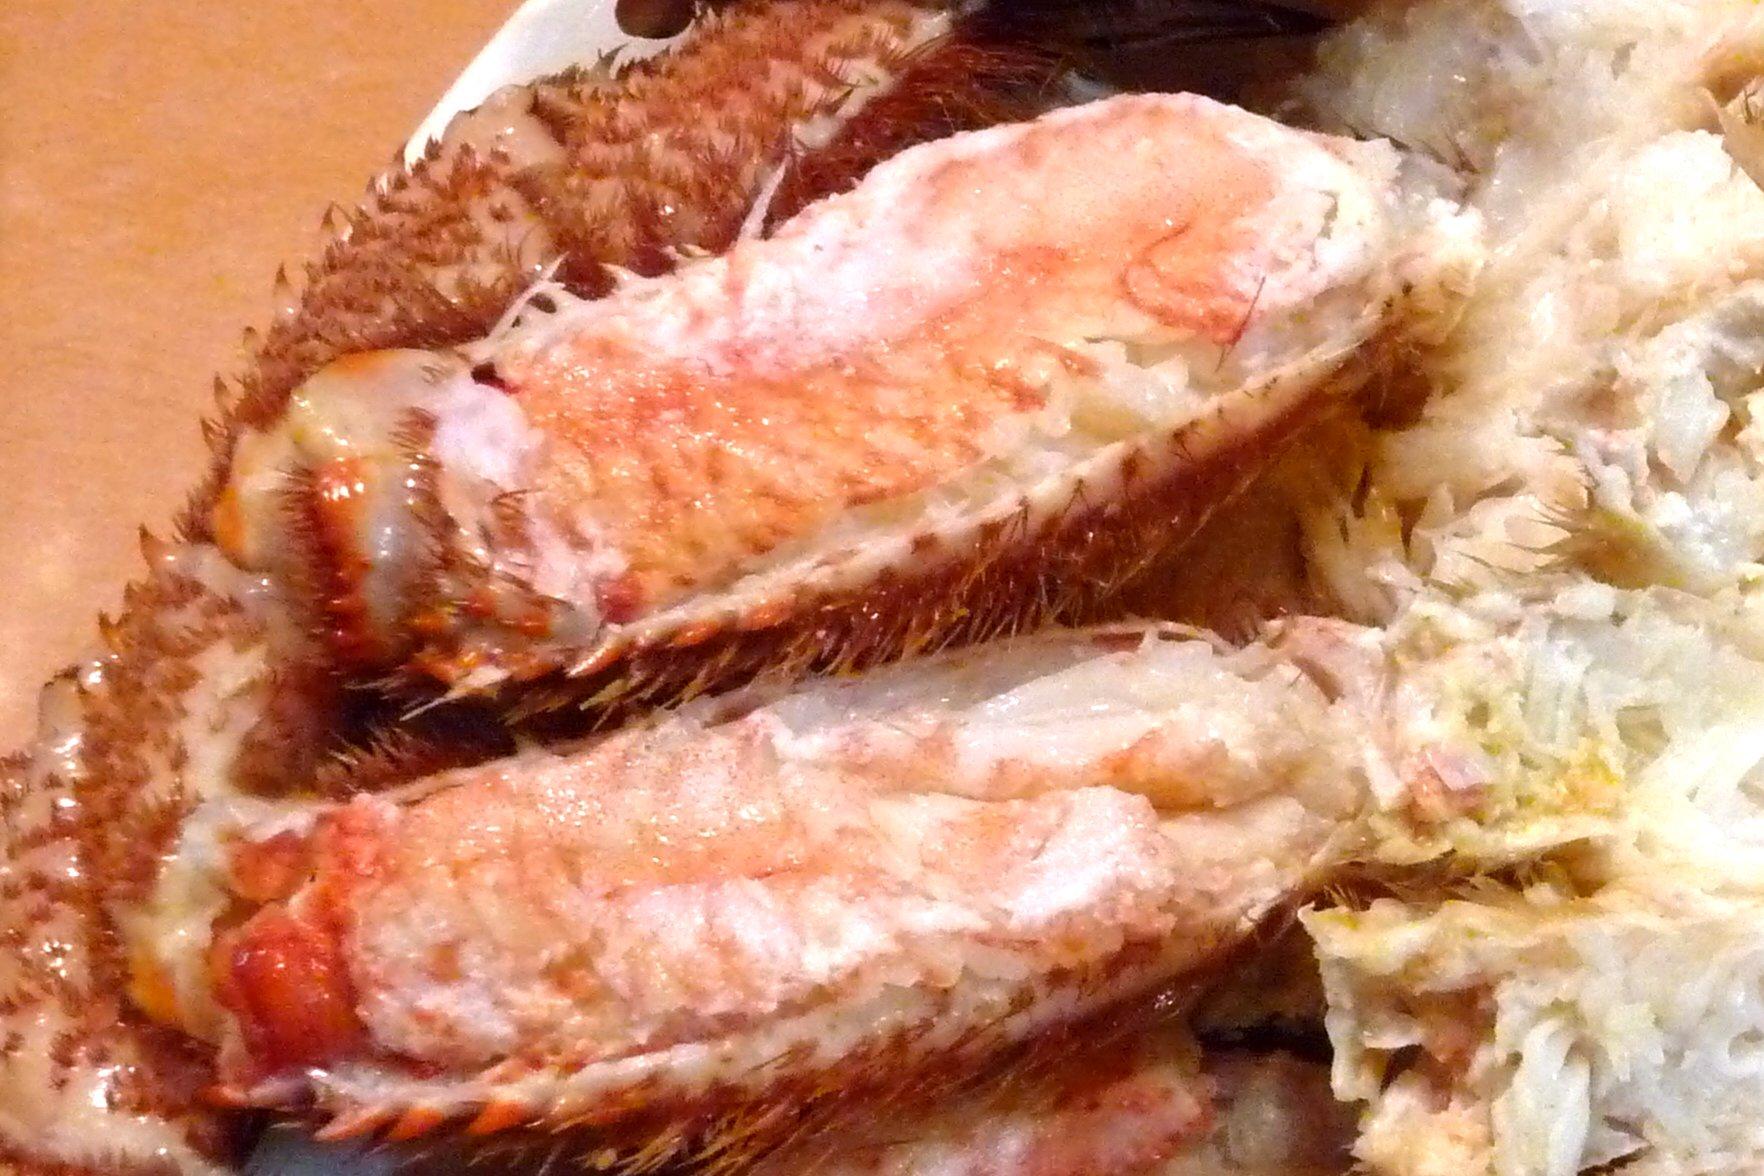 SiSO-LAB☆ふるさと納税、さとるふ、北海道森町、三特毛ガニ650g x2。毛ガニを食べやすくさばくよ。足の殻の剥き方。